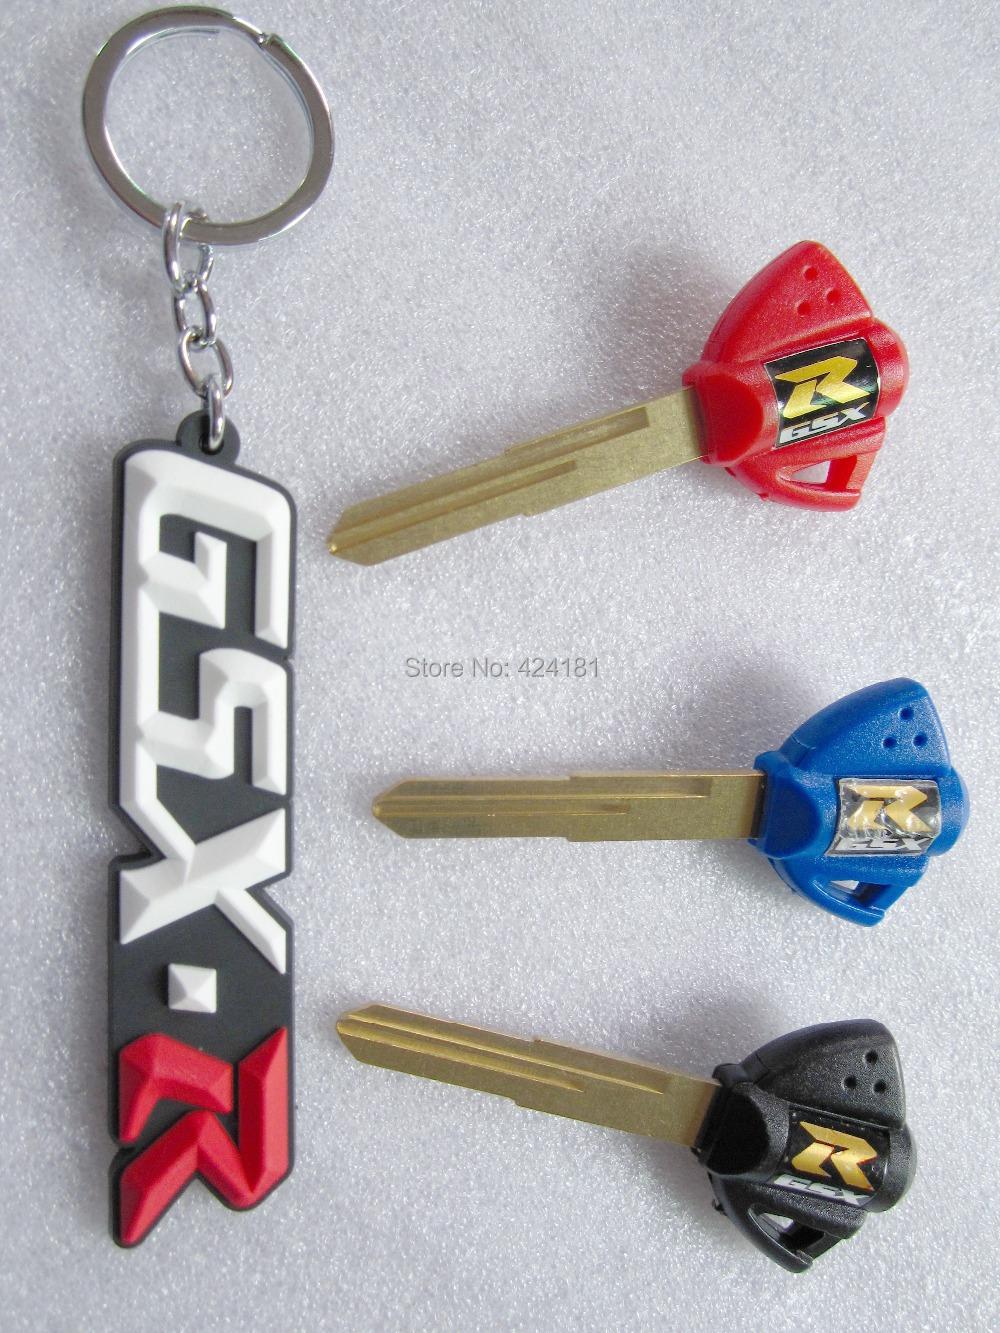 Новый ключи от машины пустой режиссерский лезвие брелок брелок брелок сеть для мотоцикла SUZUKI GSXR 1000 / 600 / 750 GSX1300R 99-07 GSX-R